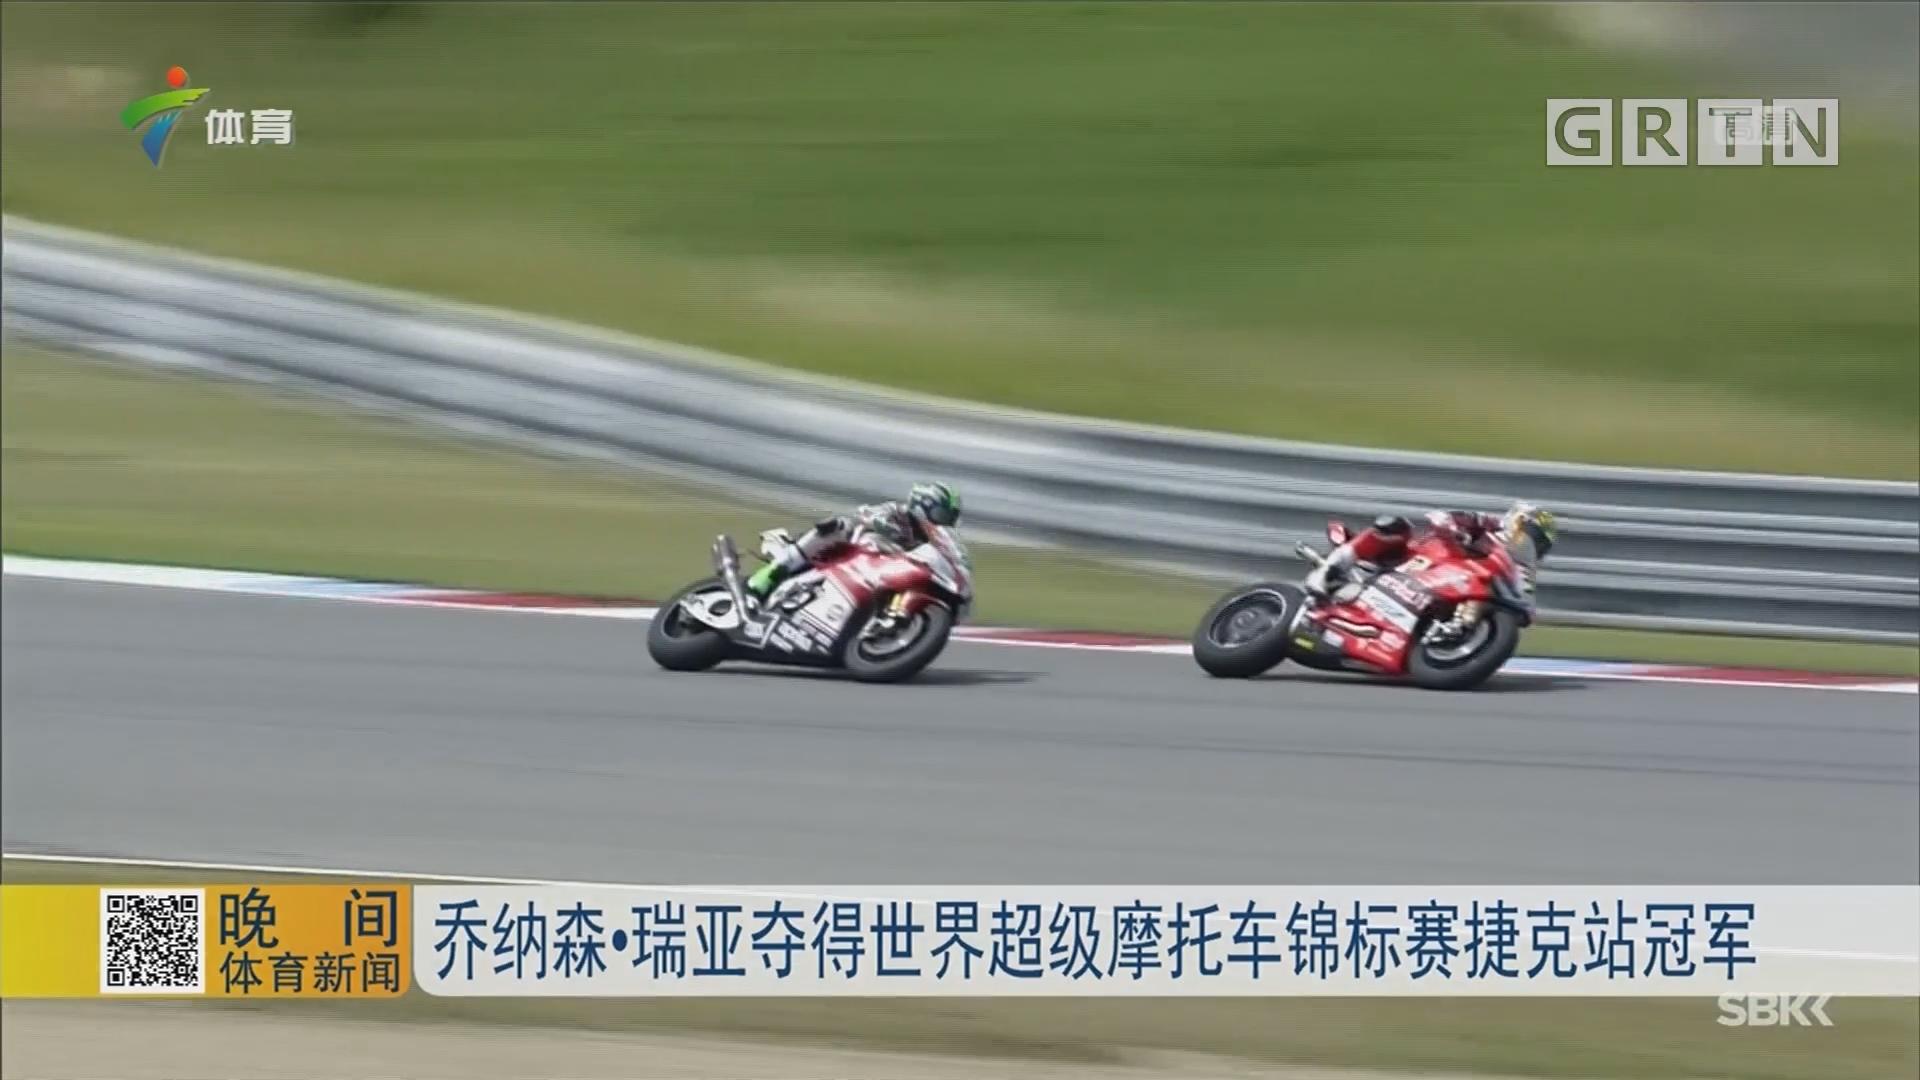 乔纳森·瑞亚夺得世界超级摩托车锦标赛捷克站冠军